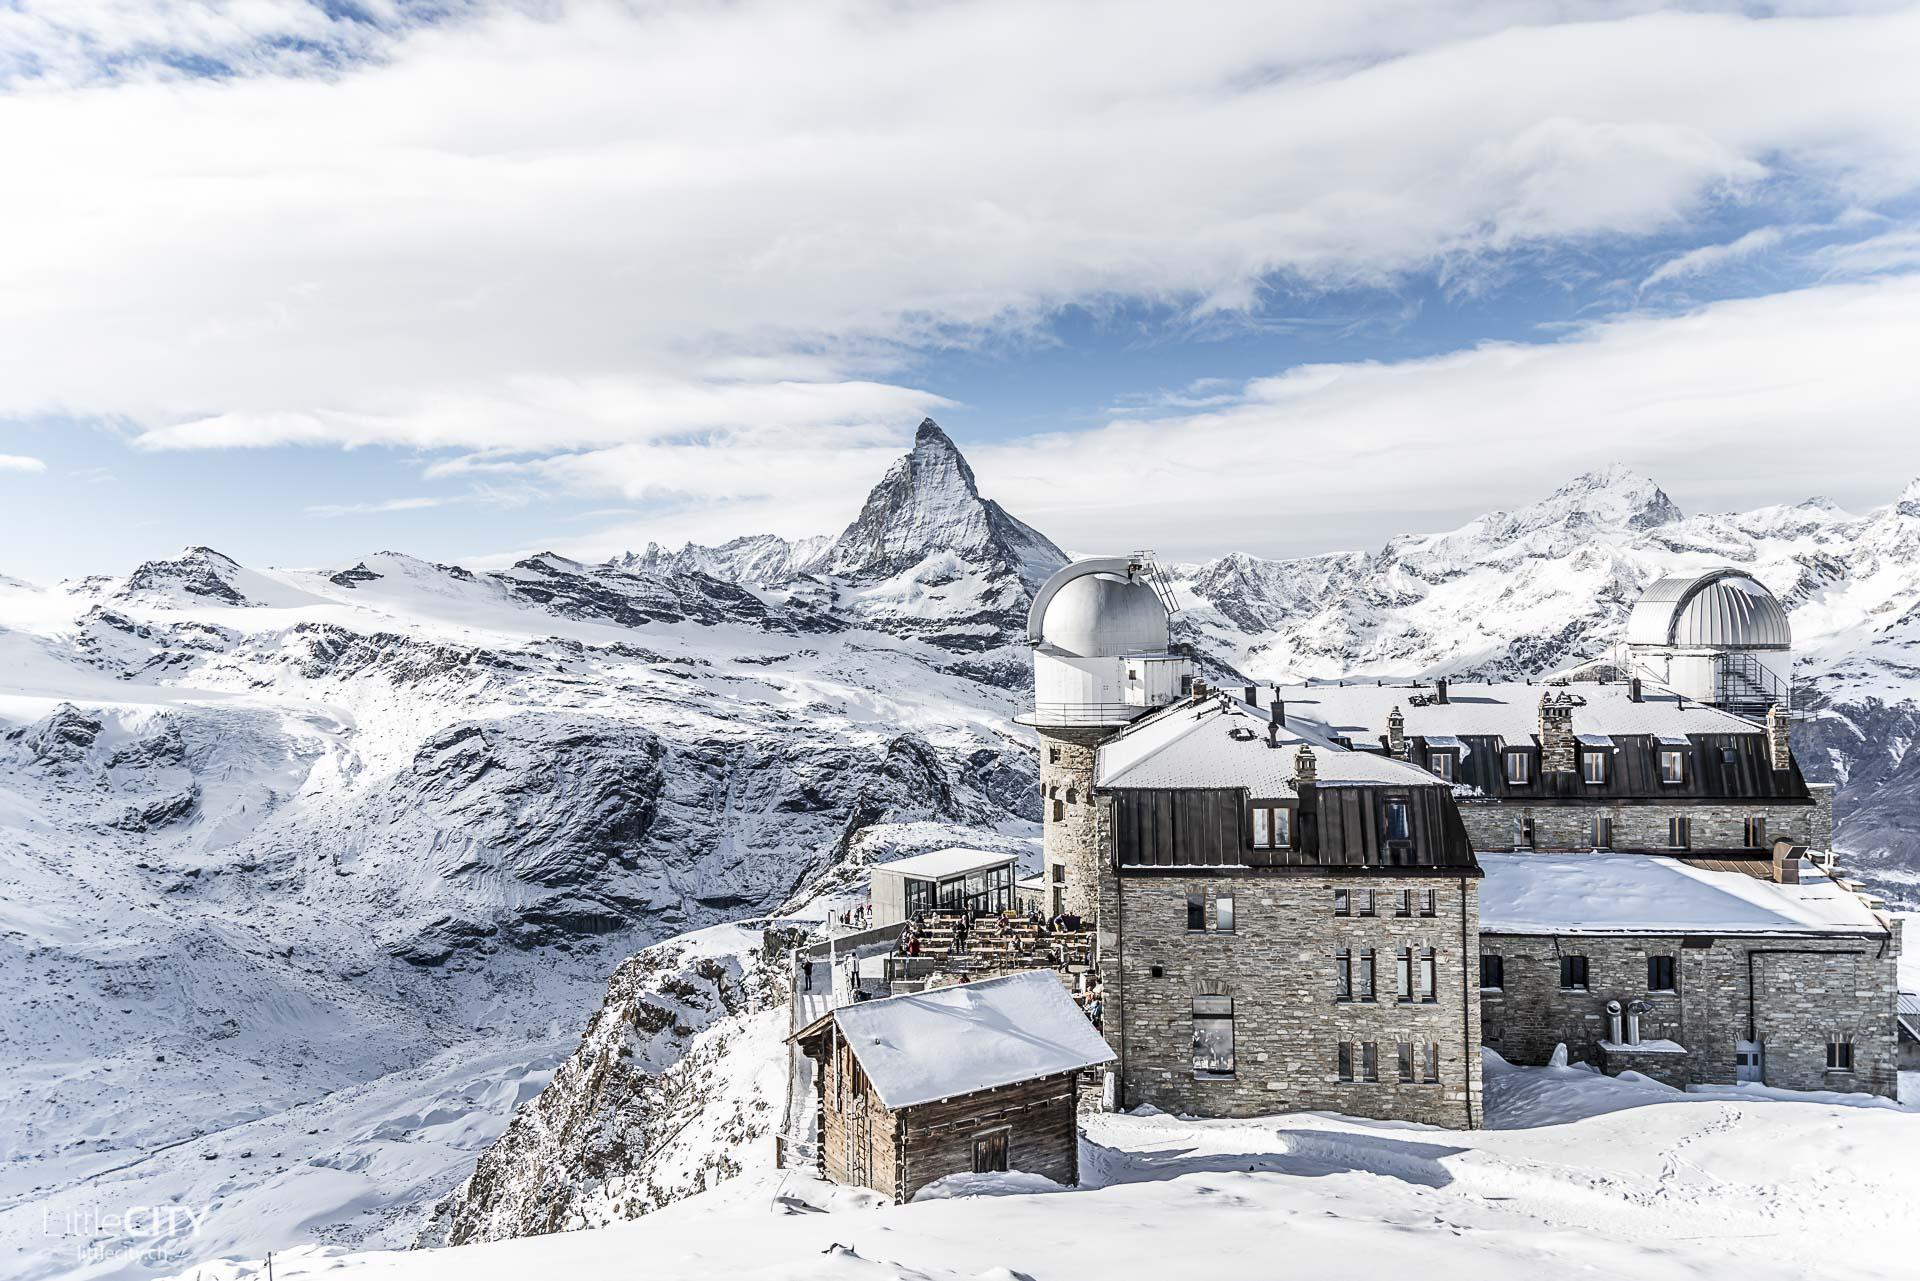 Gornergrat Aussichtsplattform mit Sicht auf das Matterhorn in Zermatt